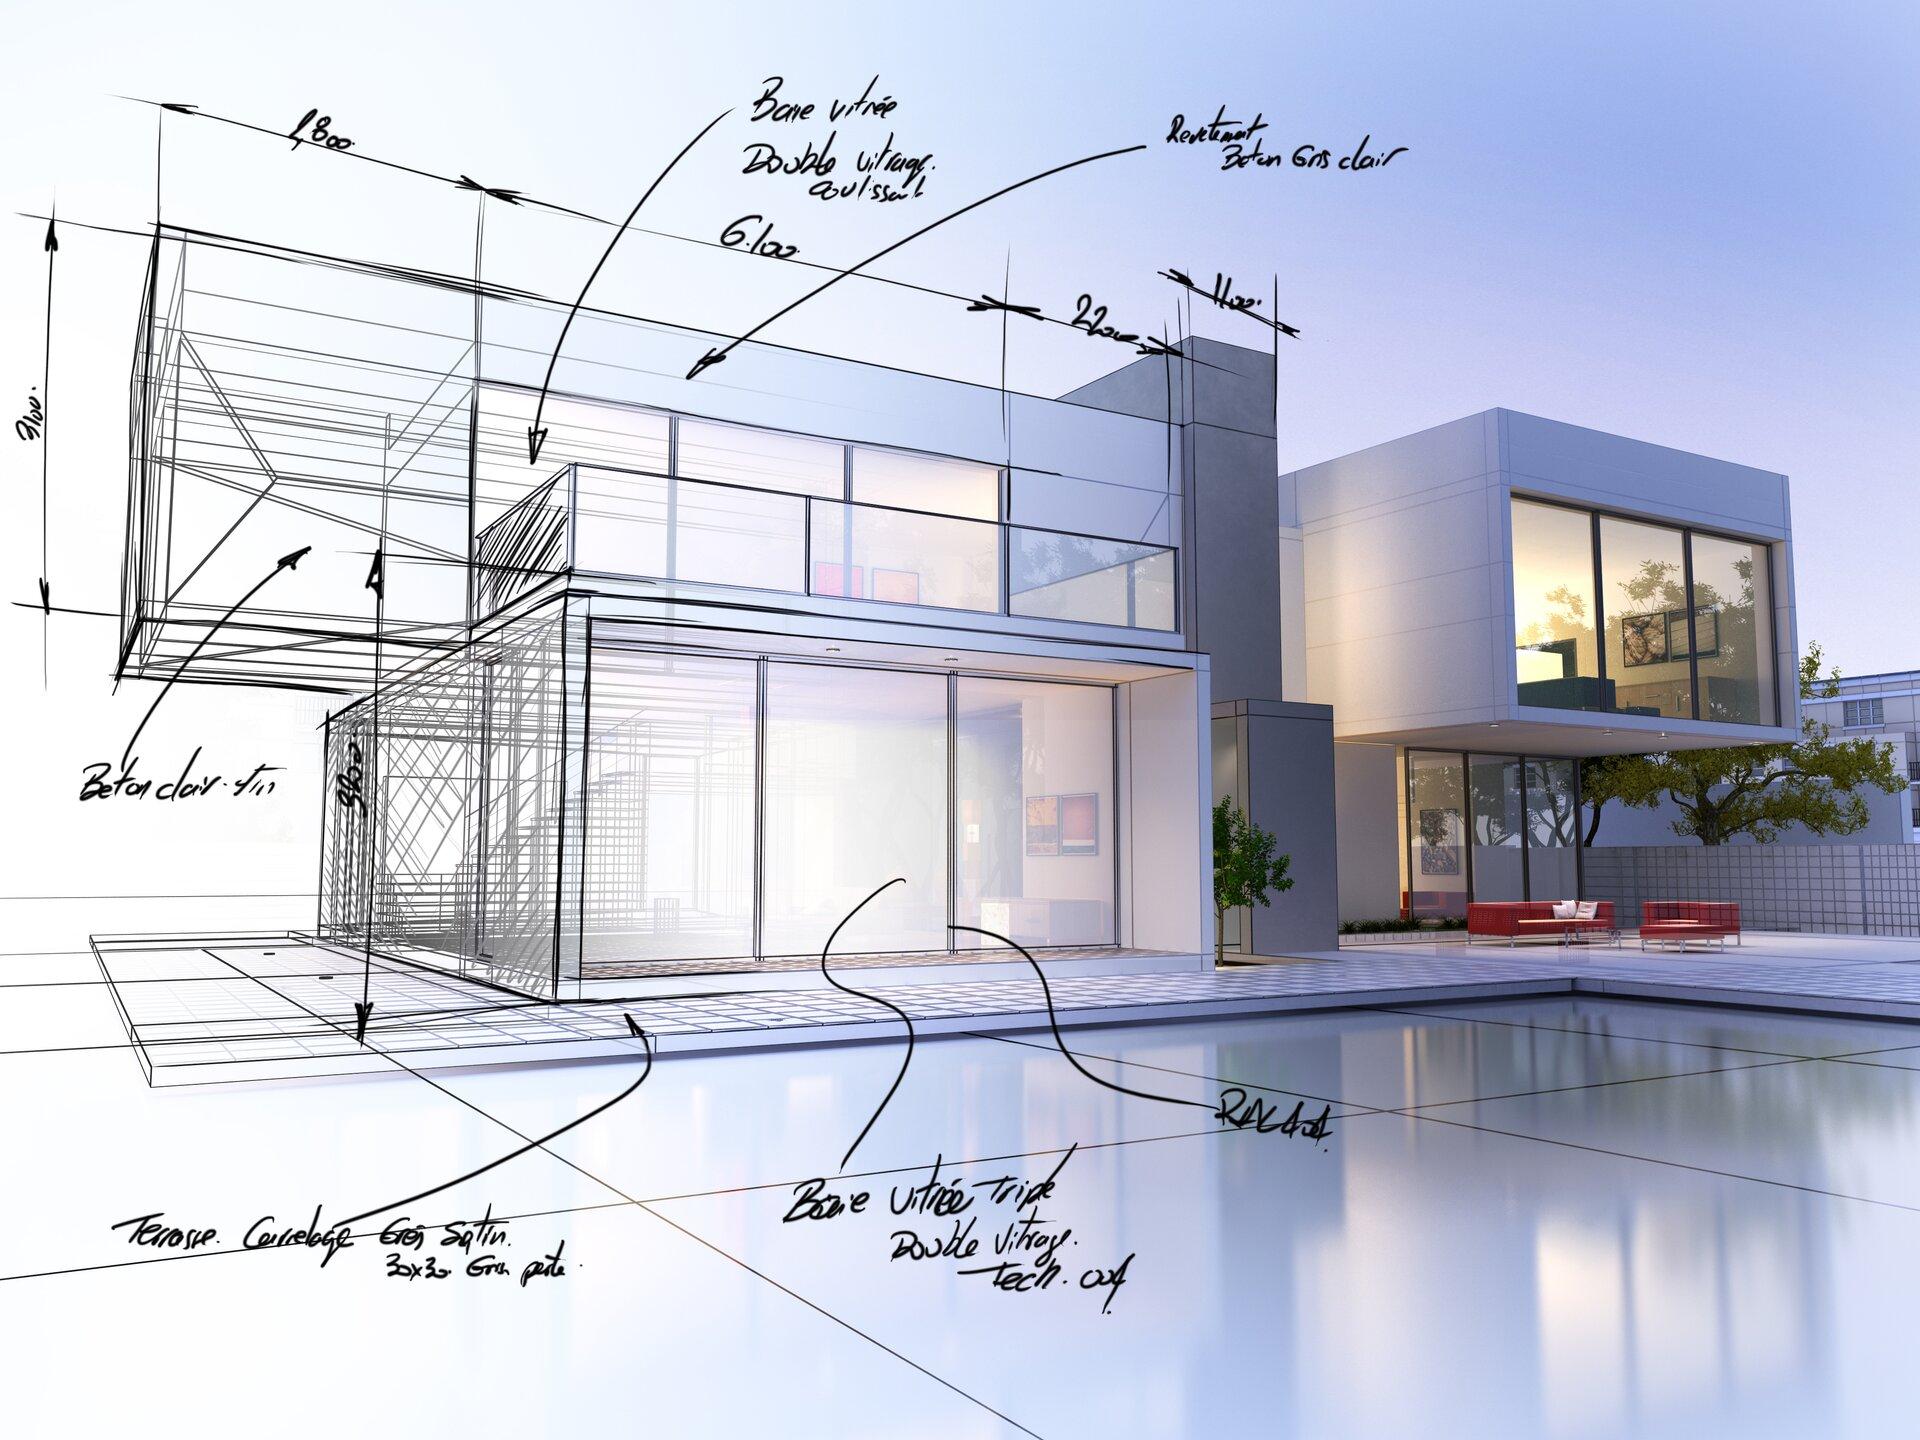 Ilustracja przedstawia rysunek architekta. Widzimy na nim wizualizację domu wraz ztarasem. Część ilustracji jest wformie rysunkowej, natomiast część wformie komputerowej. Na części rysunkowej zaznaczone zostały również wymiary elementów.